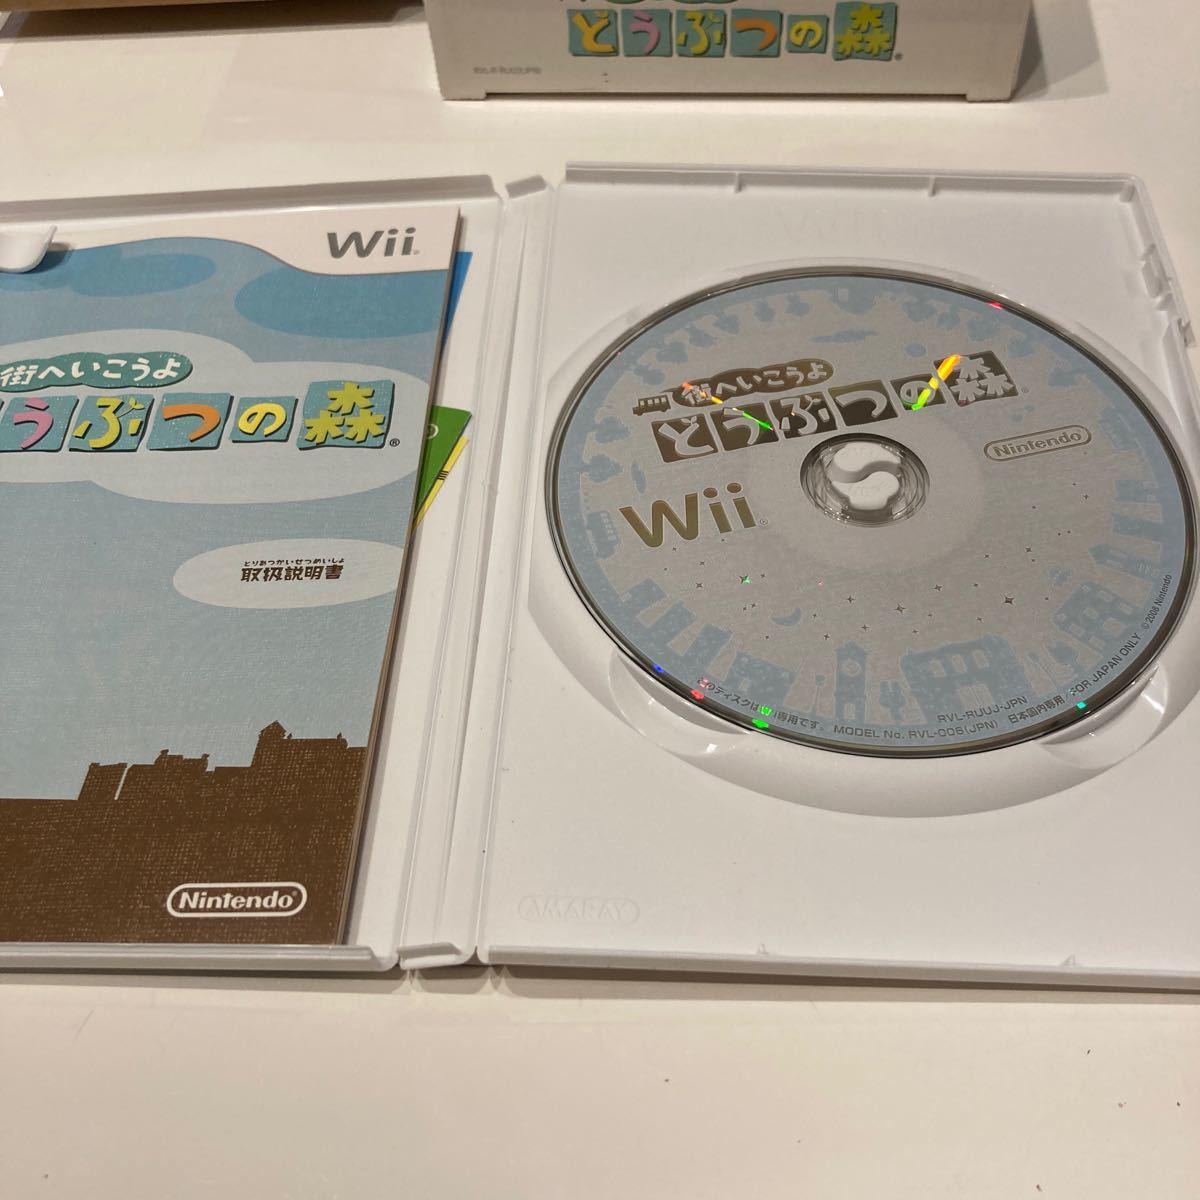 Wiiソフト 街へいこうよ どうぶつの森 街へいこうよどうぶつの森